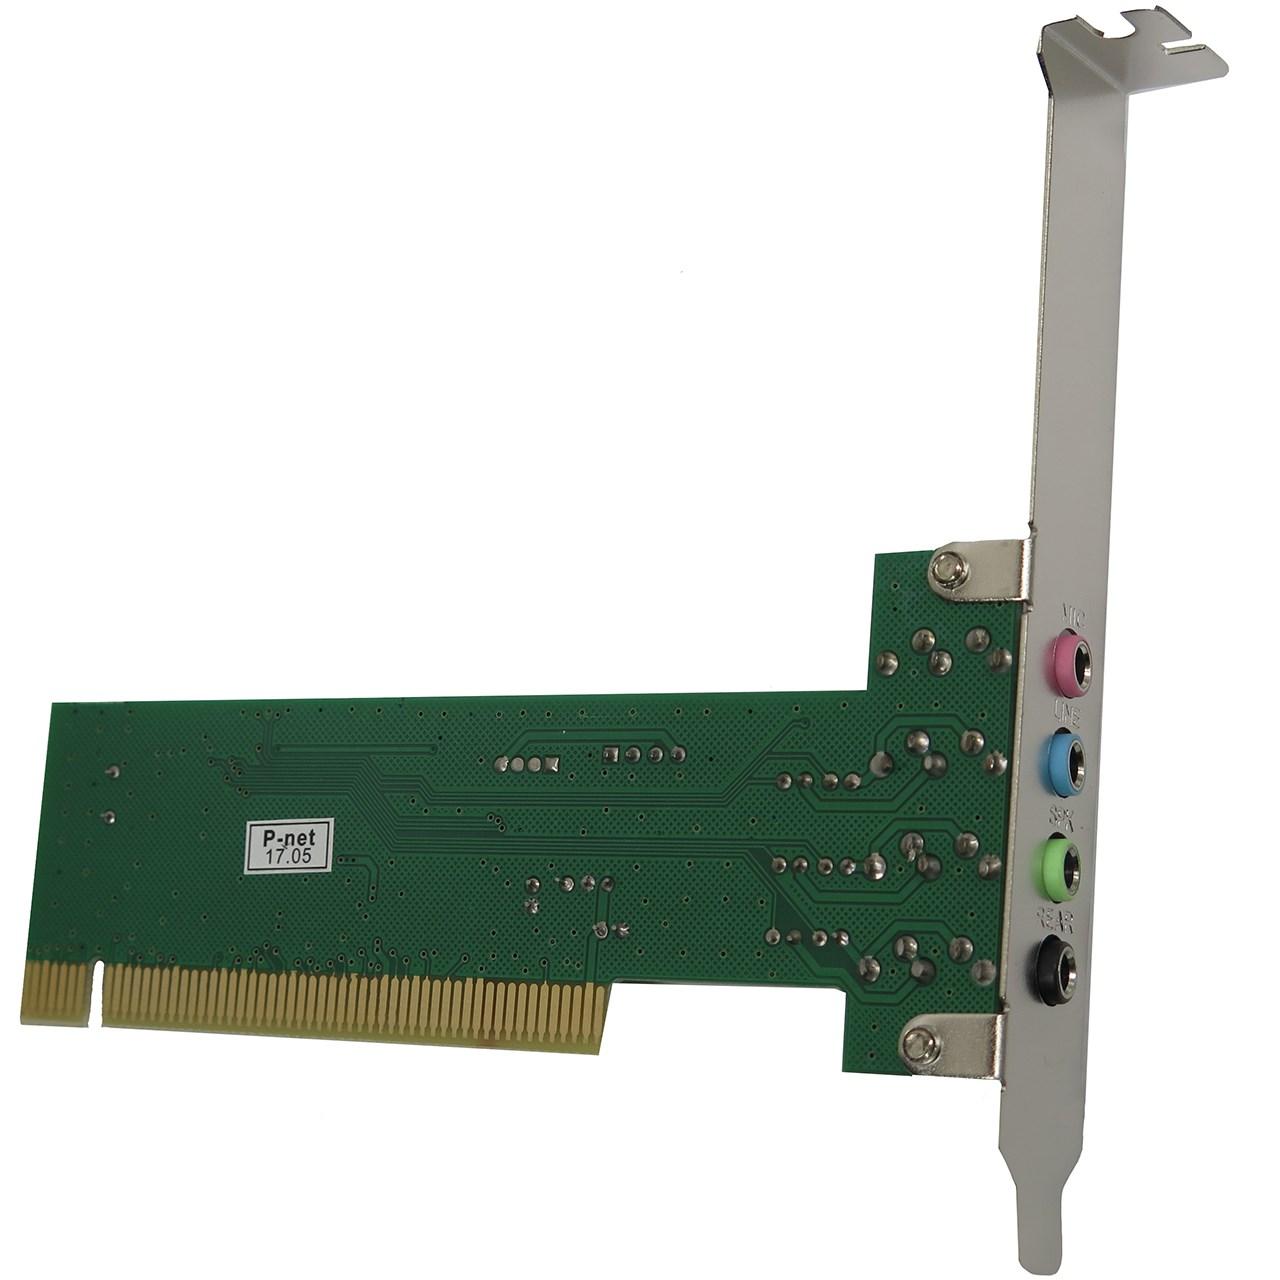 کارت صدا پی-نت مدل PCI SATA CARD